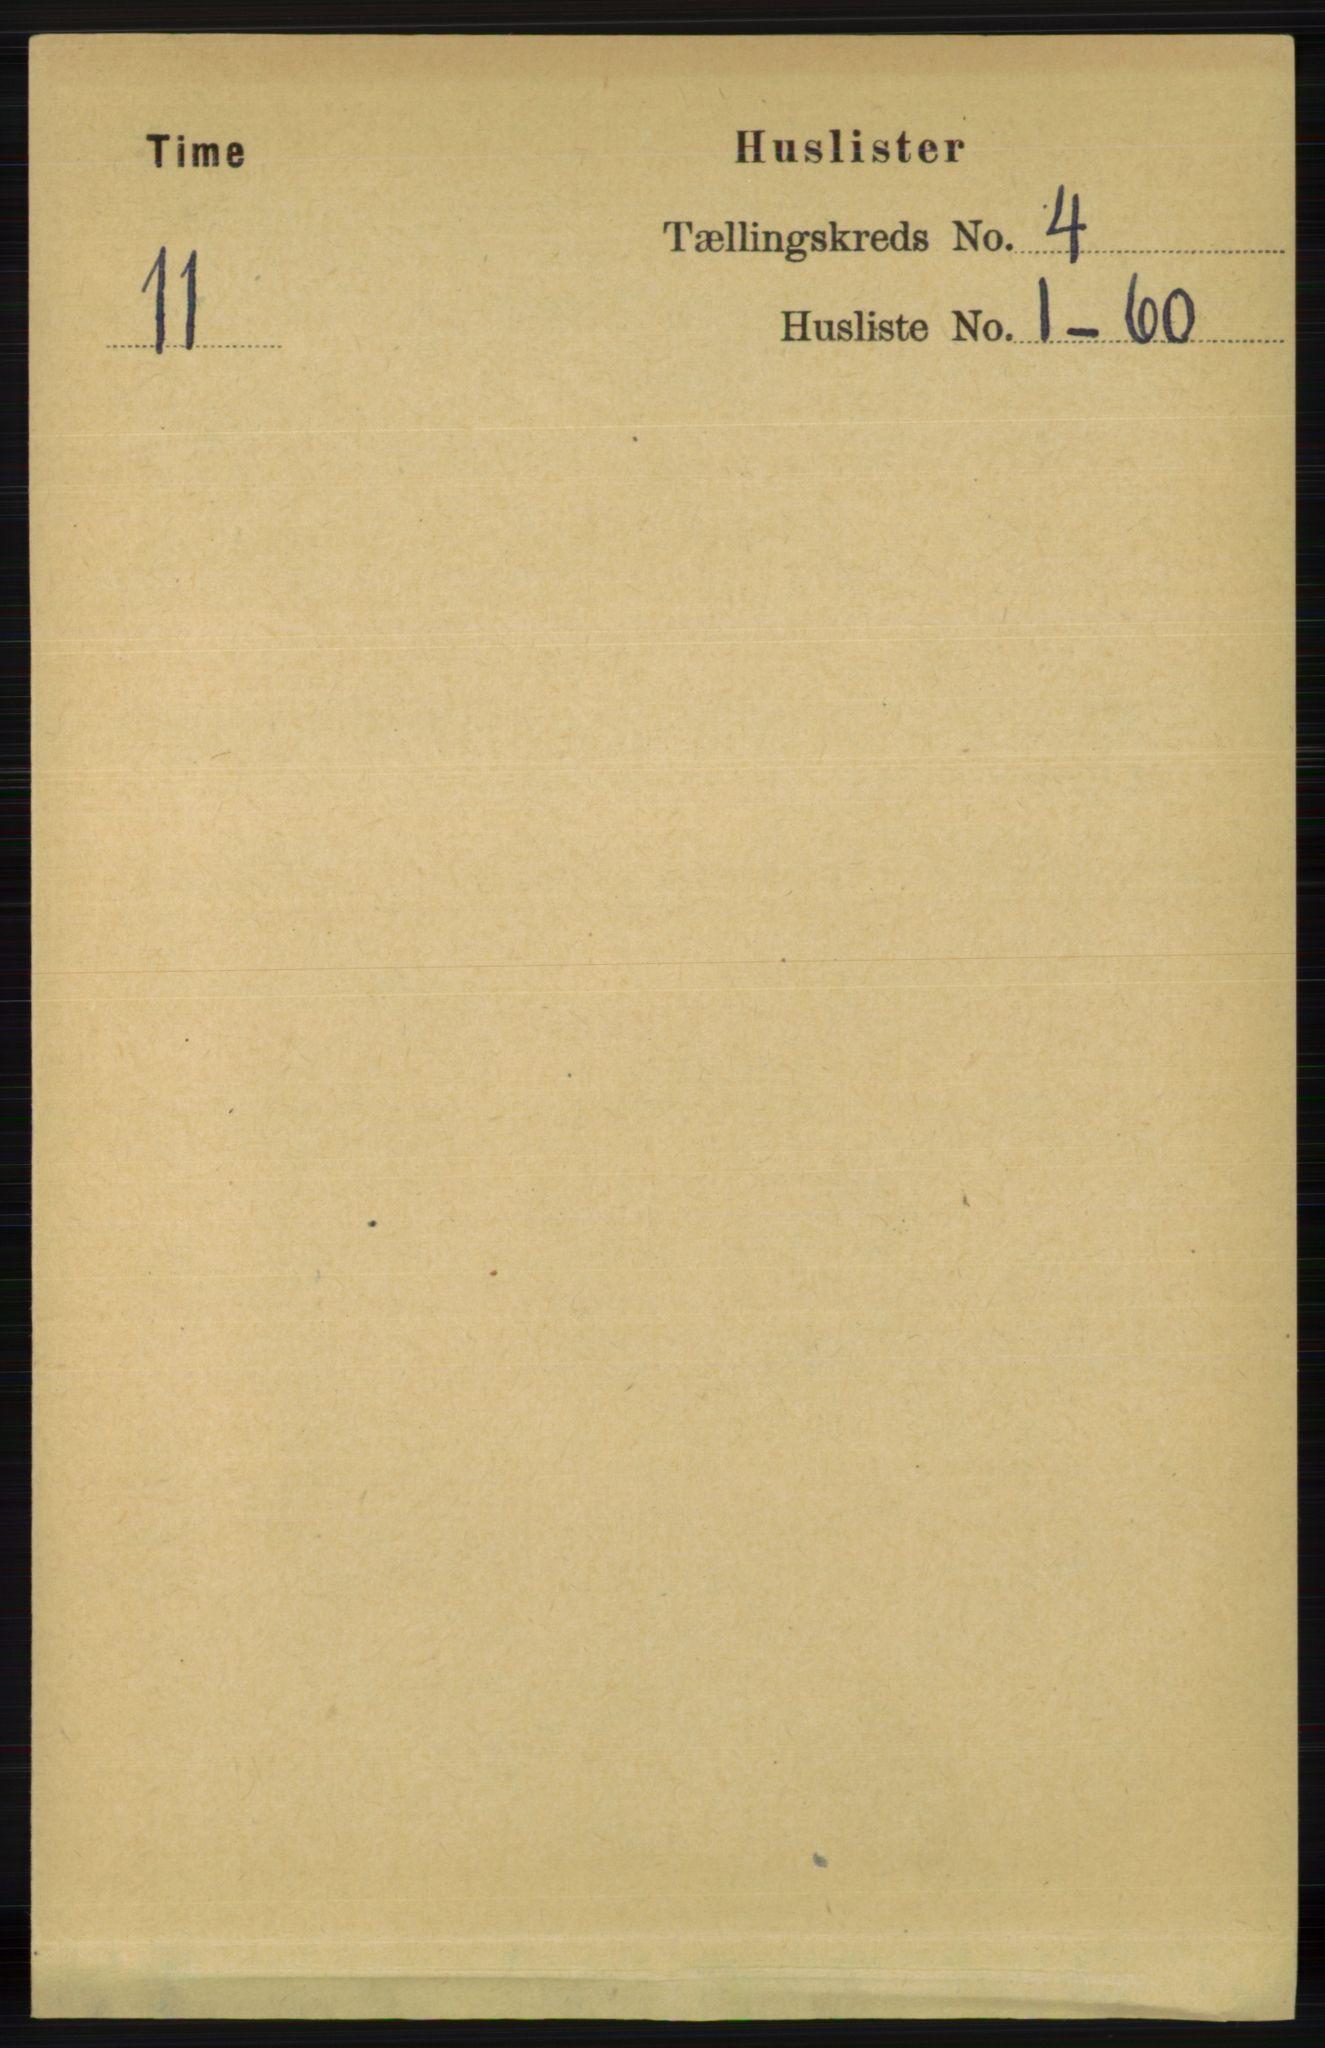 RA, Folketelling 1891 for 1121 Time herred, 1891, s. 1301